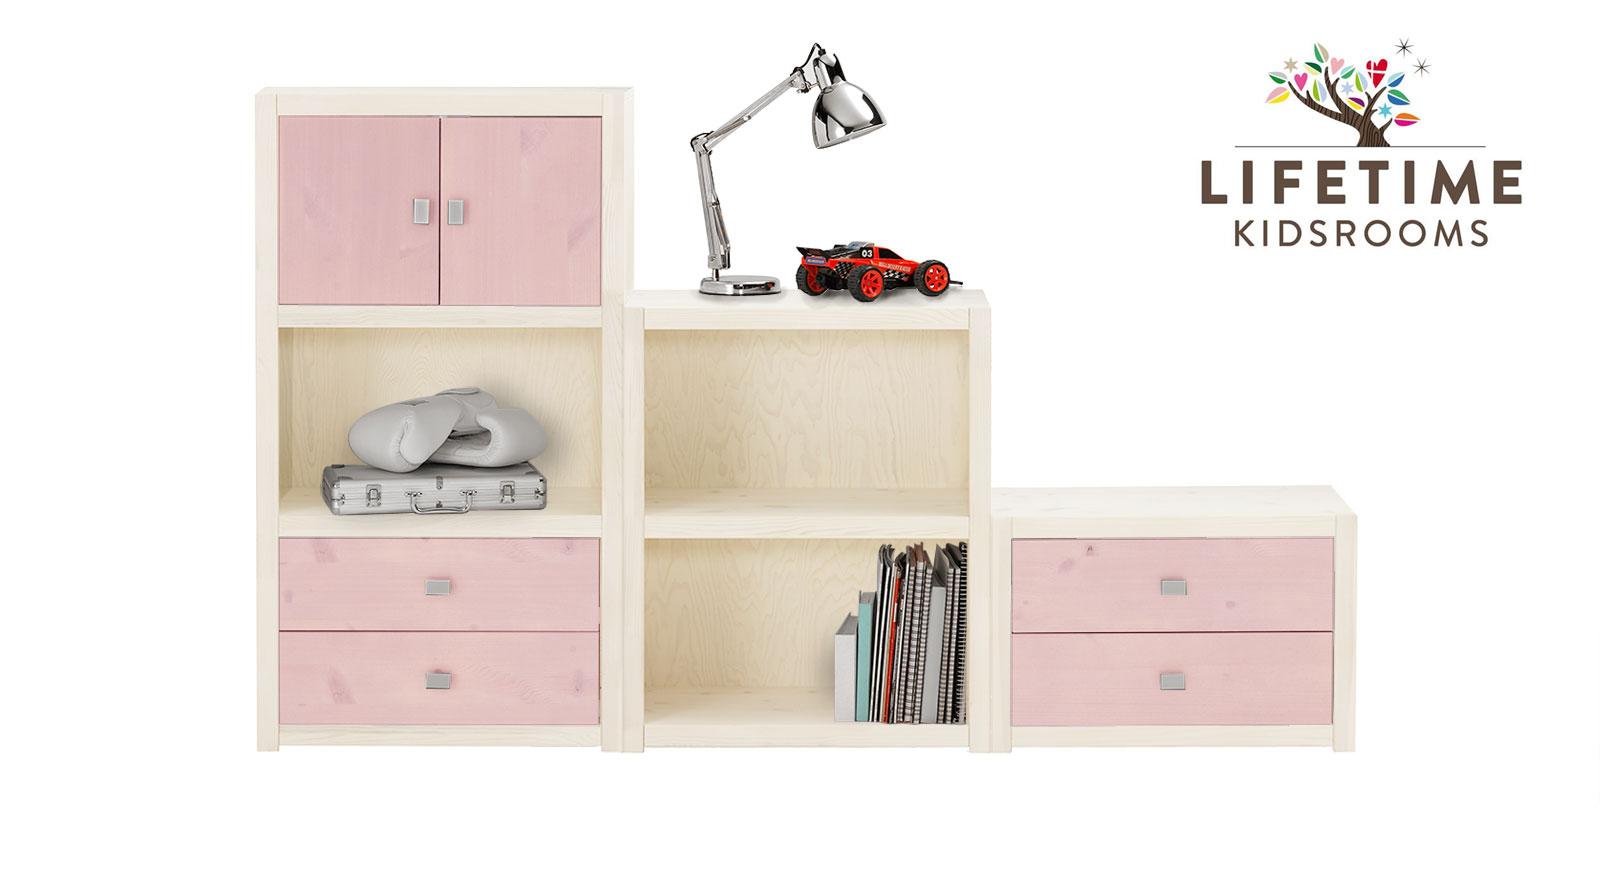 Weiß lasierte LIFETIME Regalwand Original in Größe S mit Blenden in Rosa